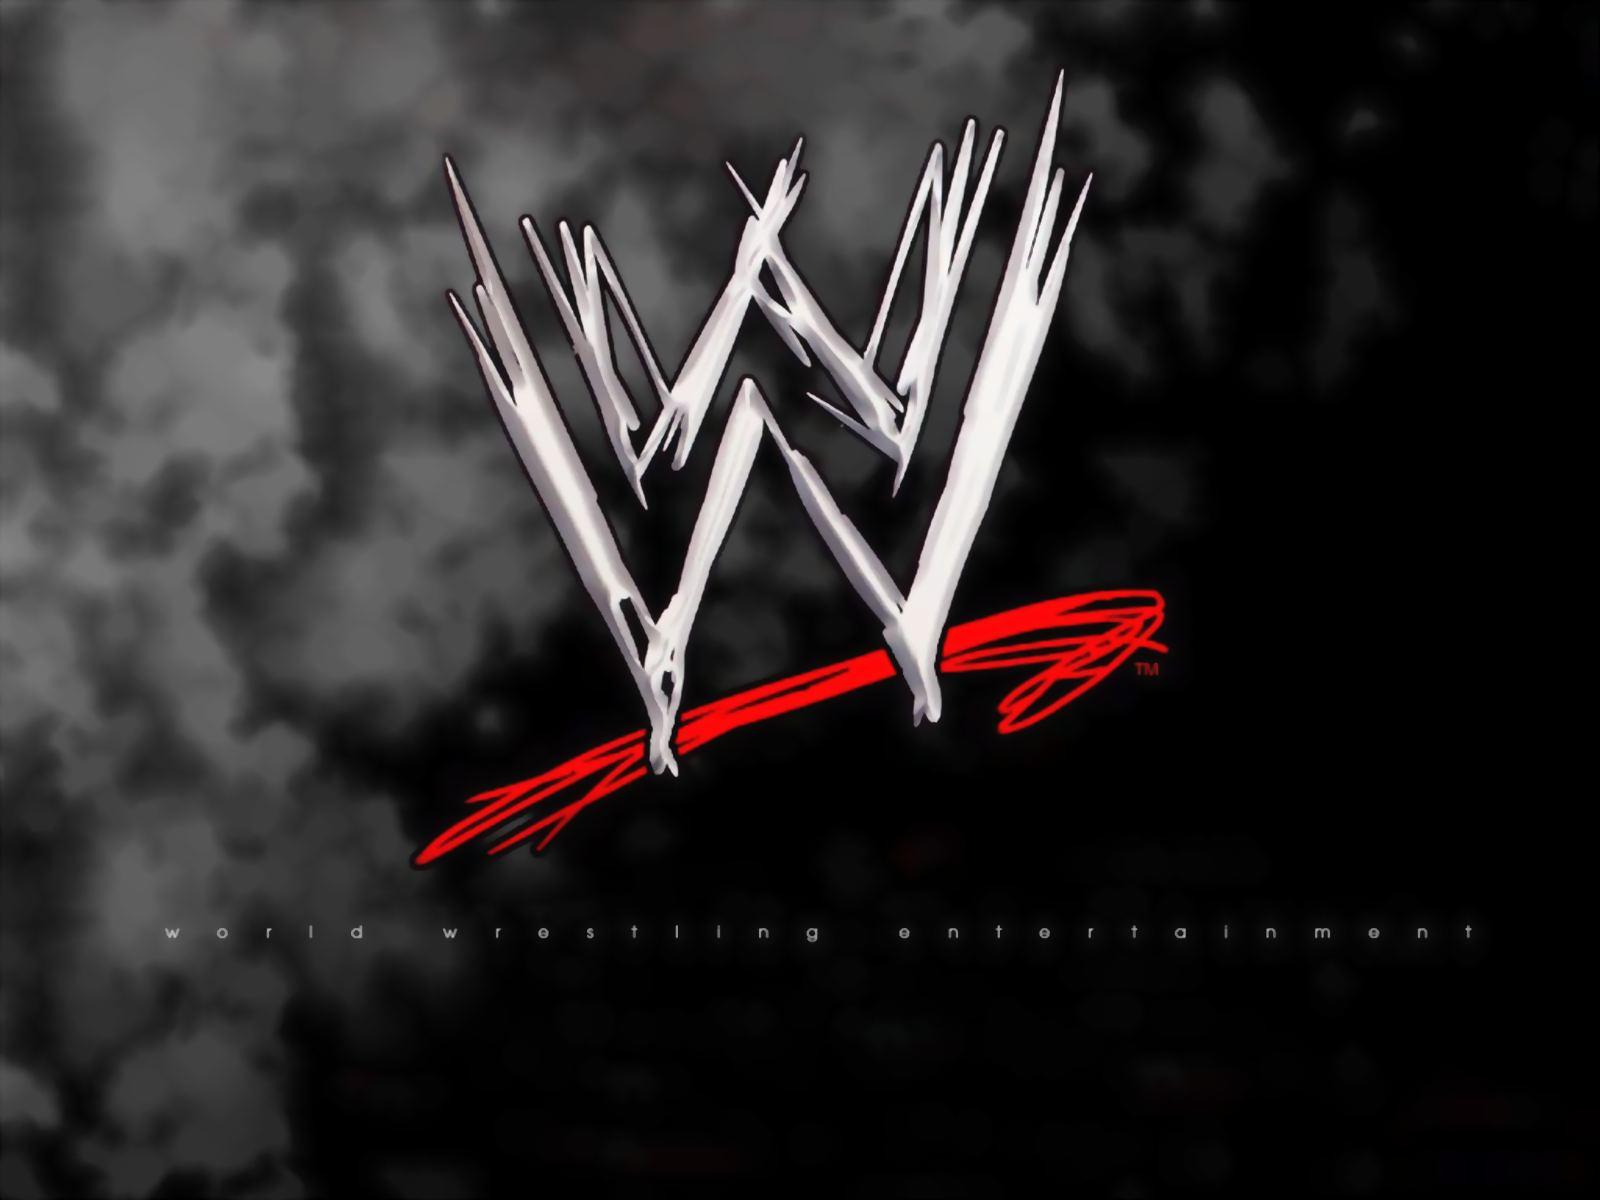 http://3.bp.blogspot.com/-TY1ChMb7HKc/T-SvL-WWzeI/AAAAAAAADvU/Bwu3yuI7i6Q/s1600/WWE-Wallpapers-14.JPG